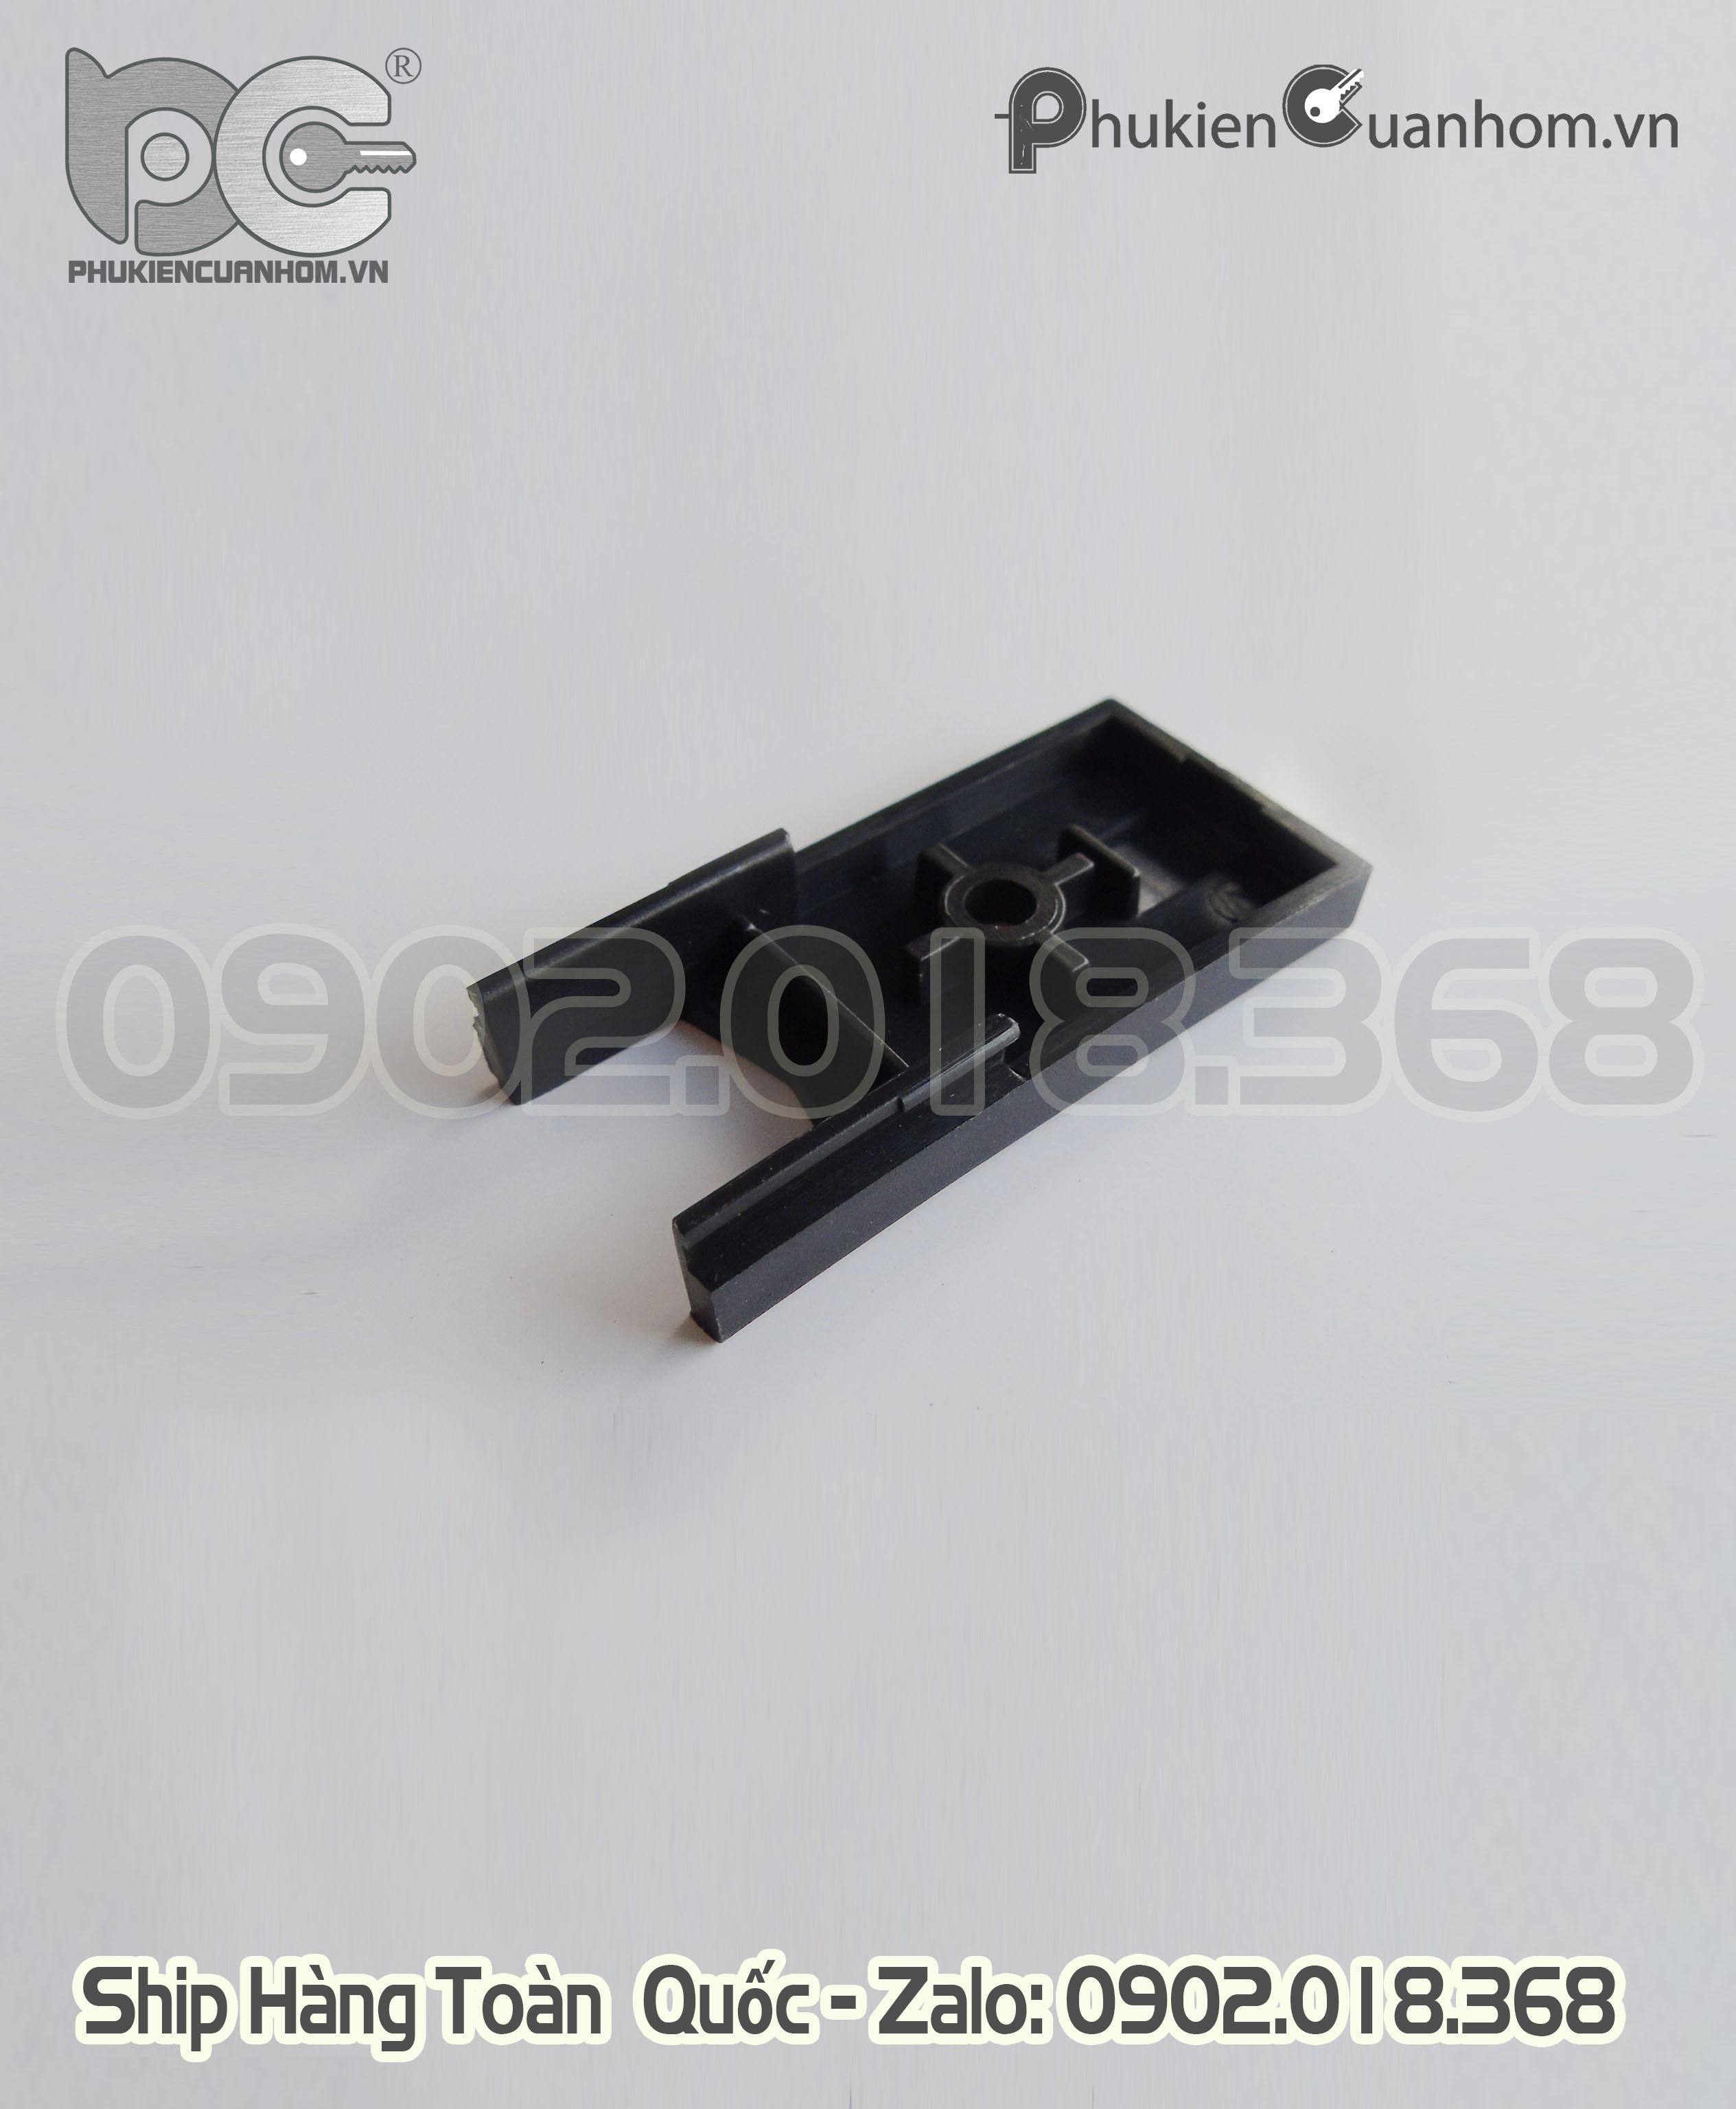 Nhựa ốp móc cánh cửa đi lùa 55 nhôm Xingfa nhập khẩu